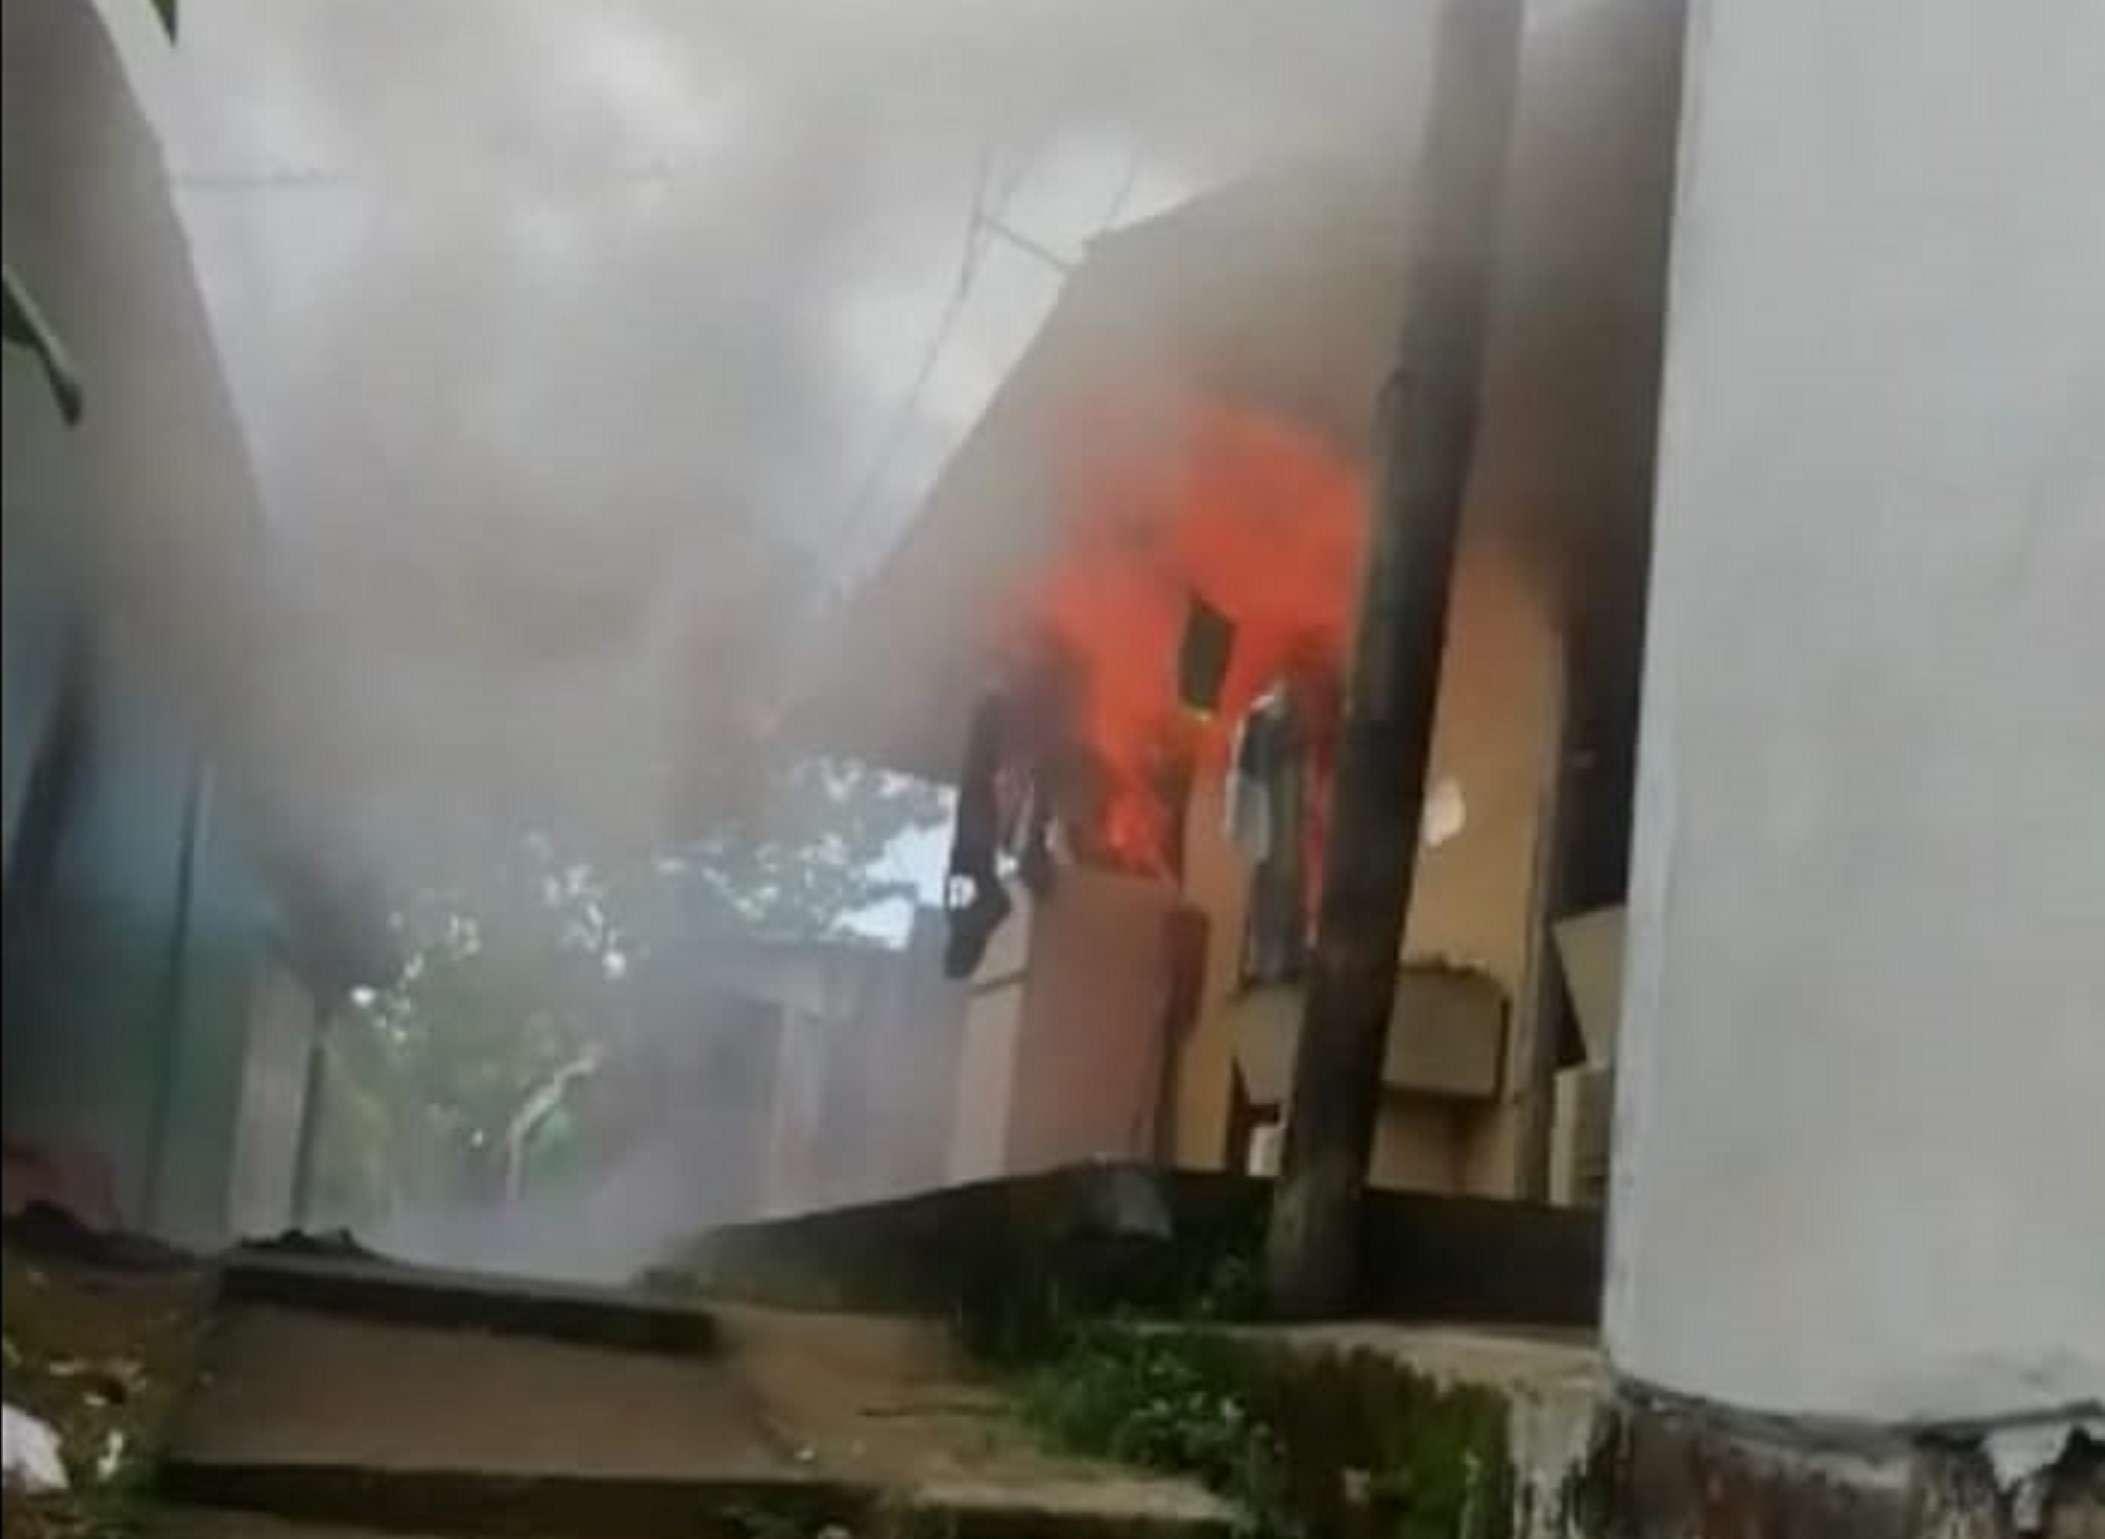 El fuego consumió gran parte de los enseres de los arrendatarios de los cuartos de alquiler. Foto: Eric Montenegro